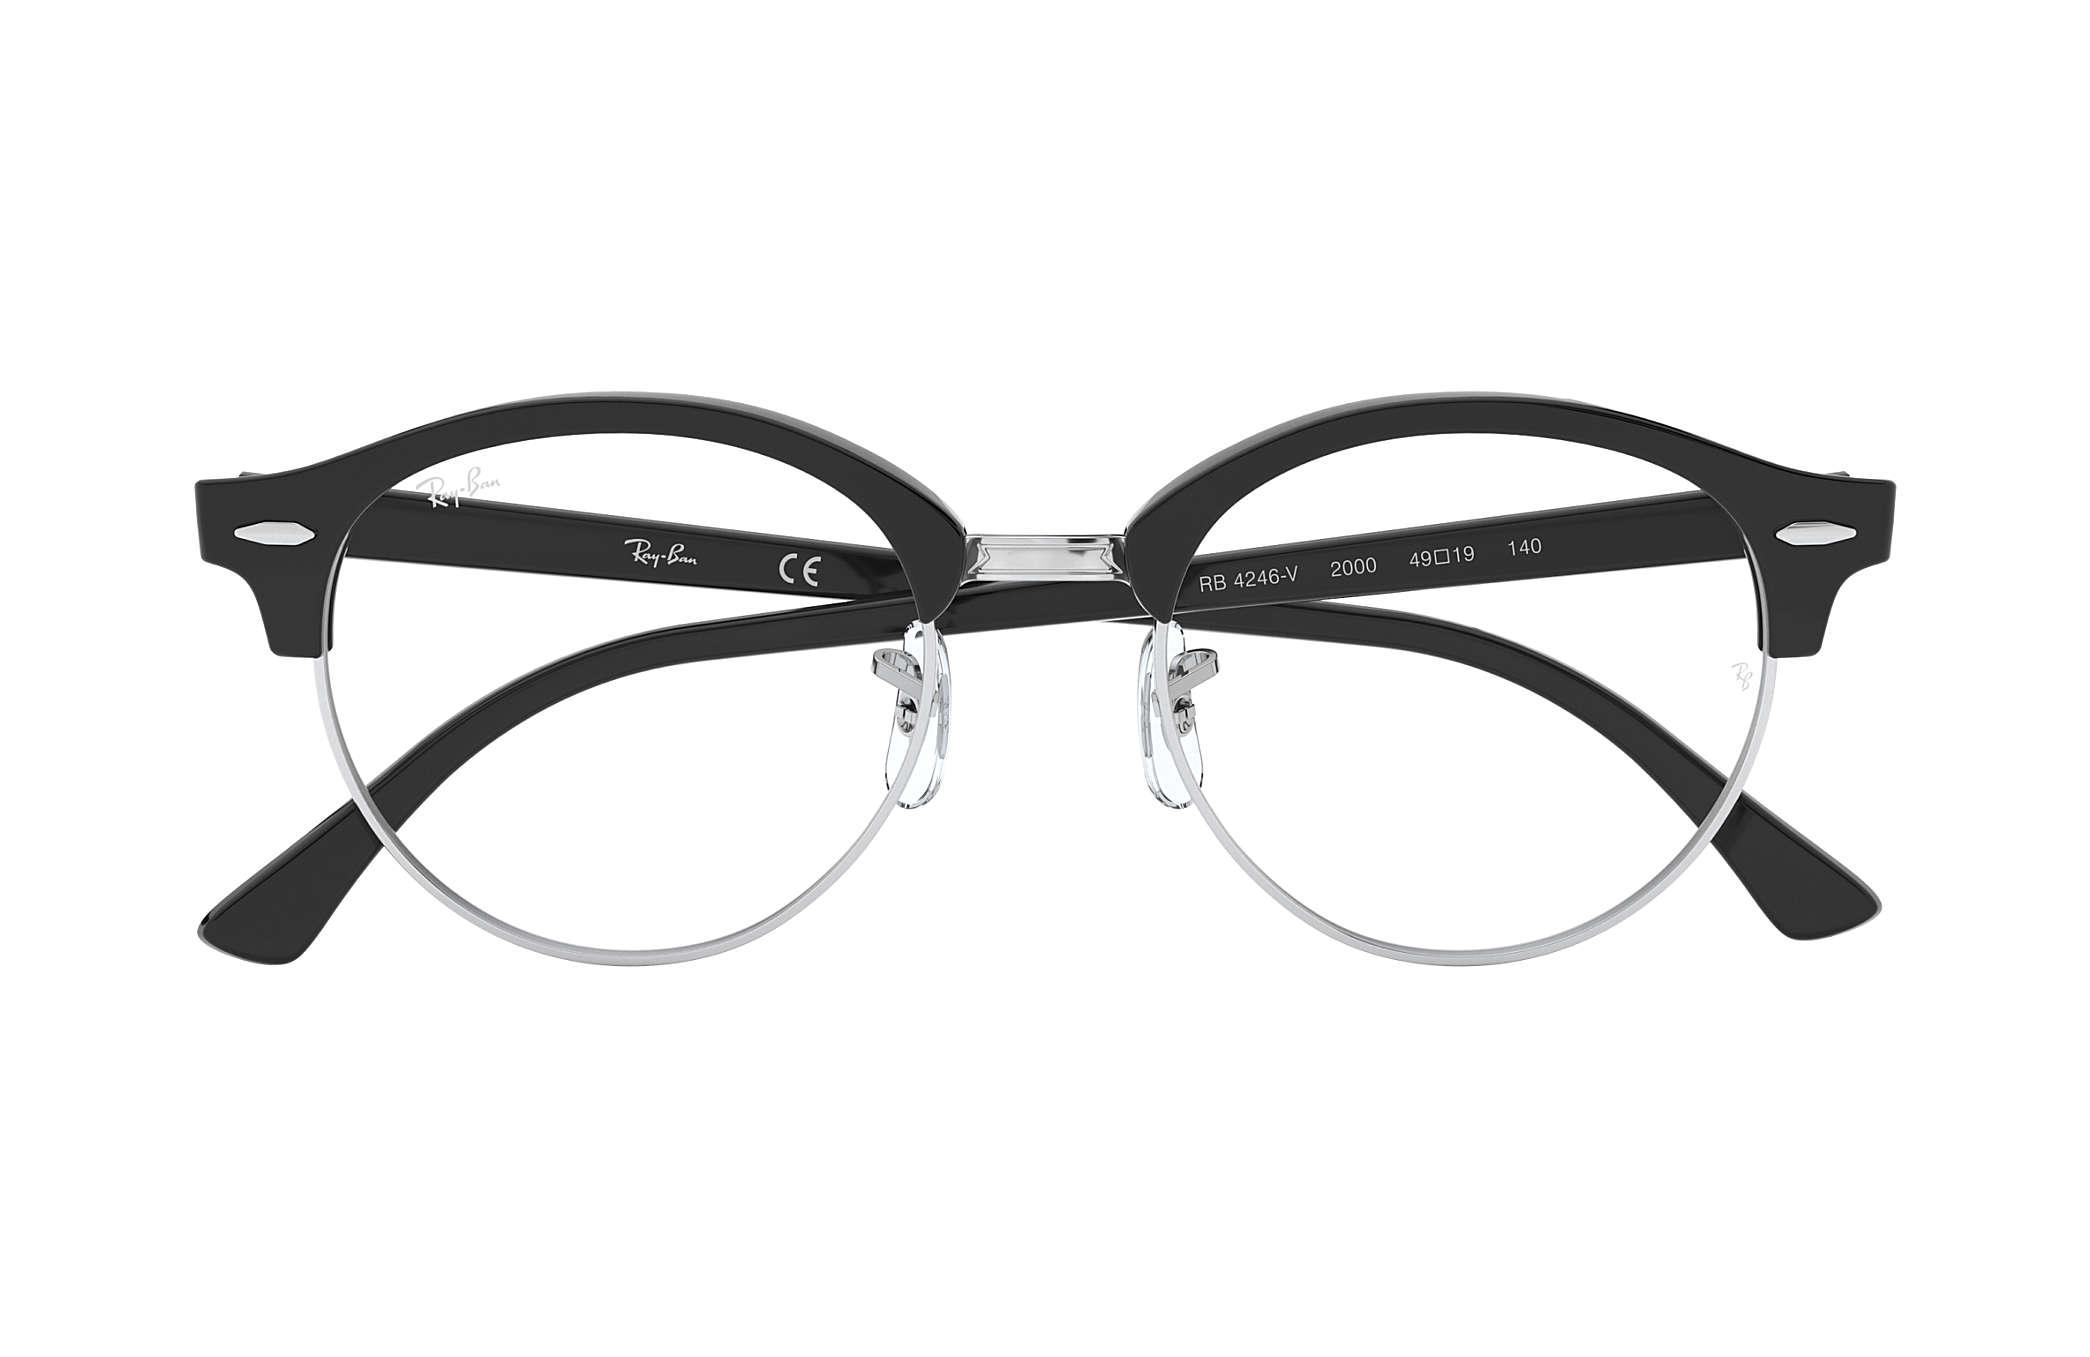 6b33248fa01ef Óculos de grau Ray-Ban Clubround Optics RB4246V Preto - Acetato ...